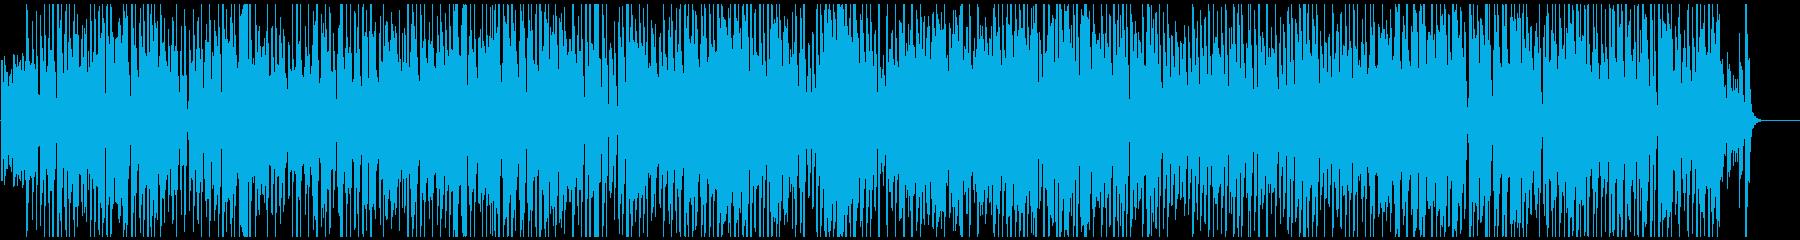 ハッピーな気分の軽快なジプシースイングの再生済みの波形